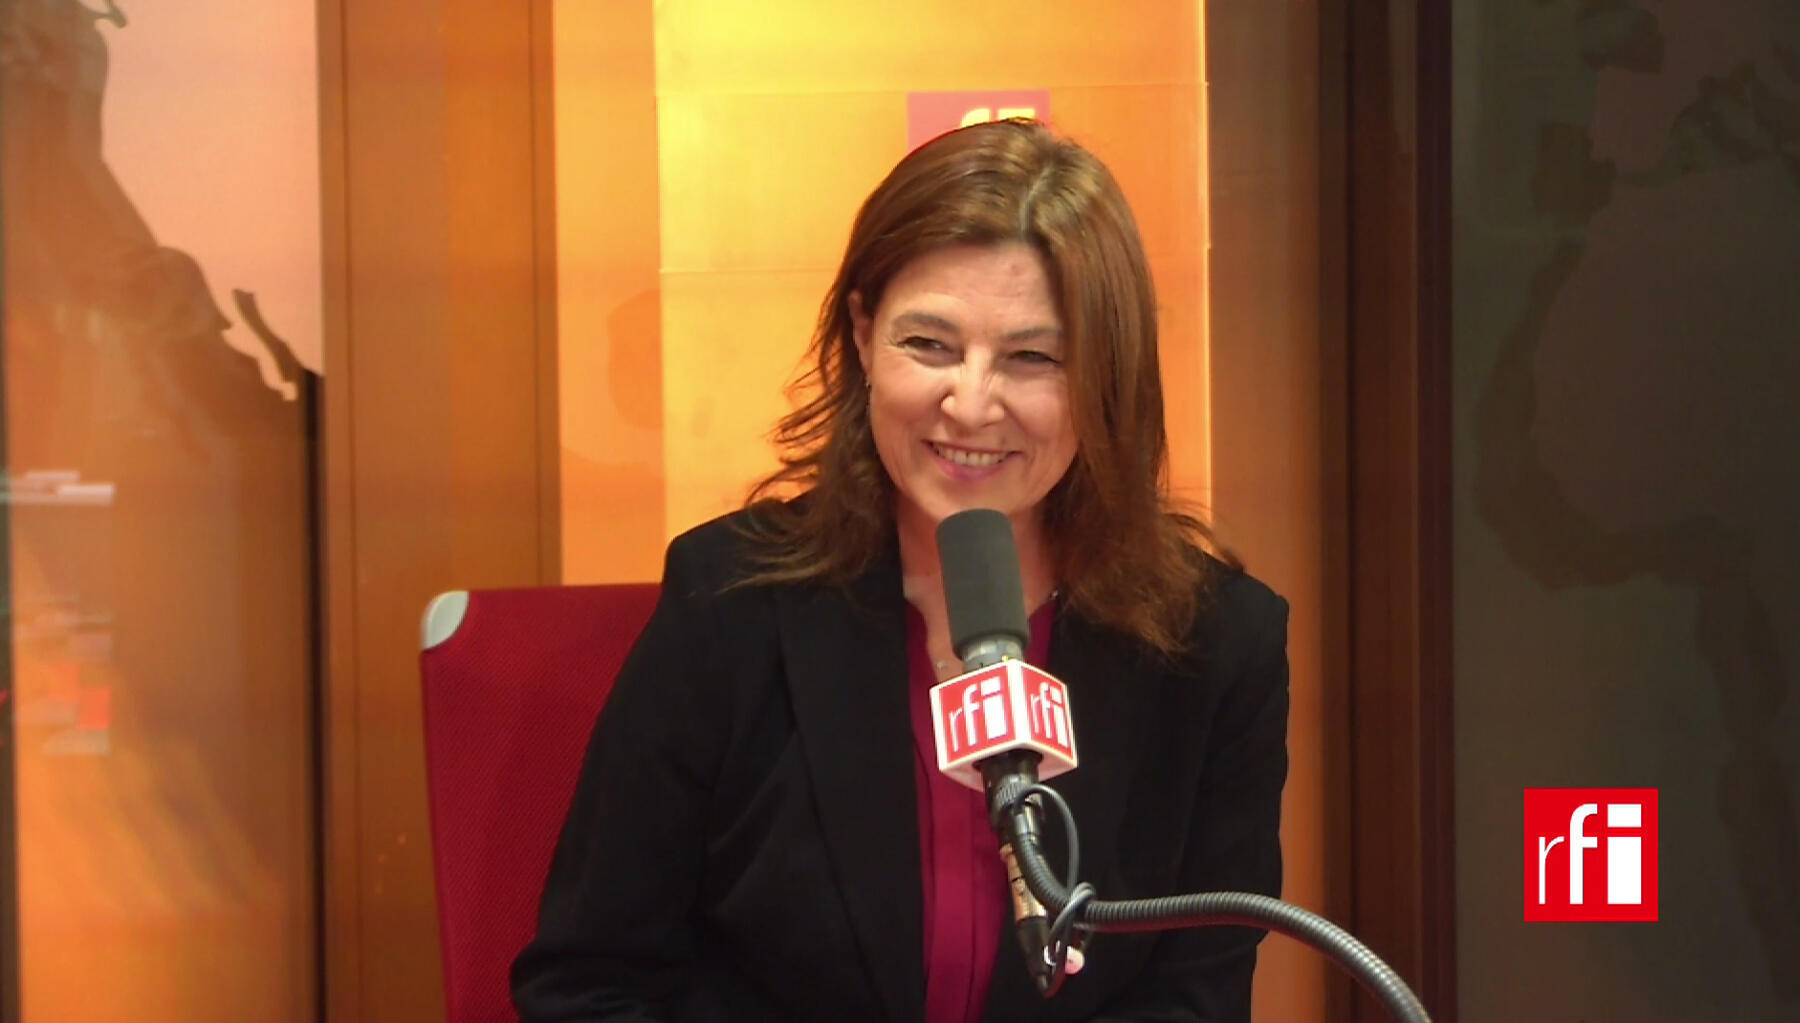 آلیزا بن-نون سفیر اسرائیل در فرانسه